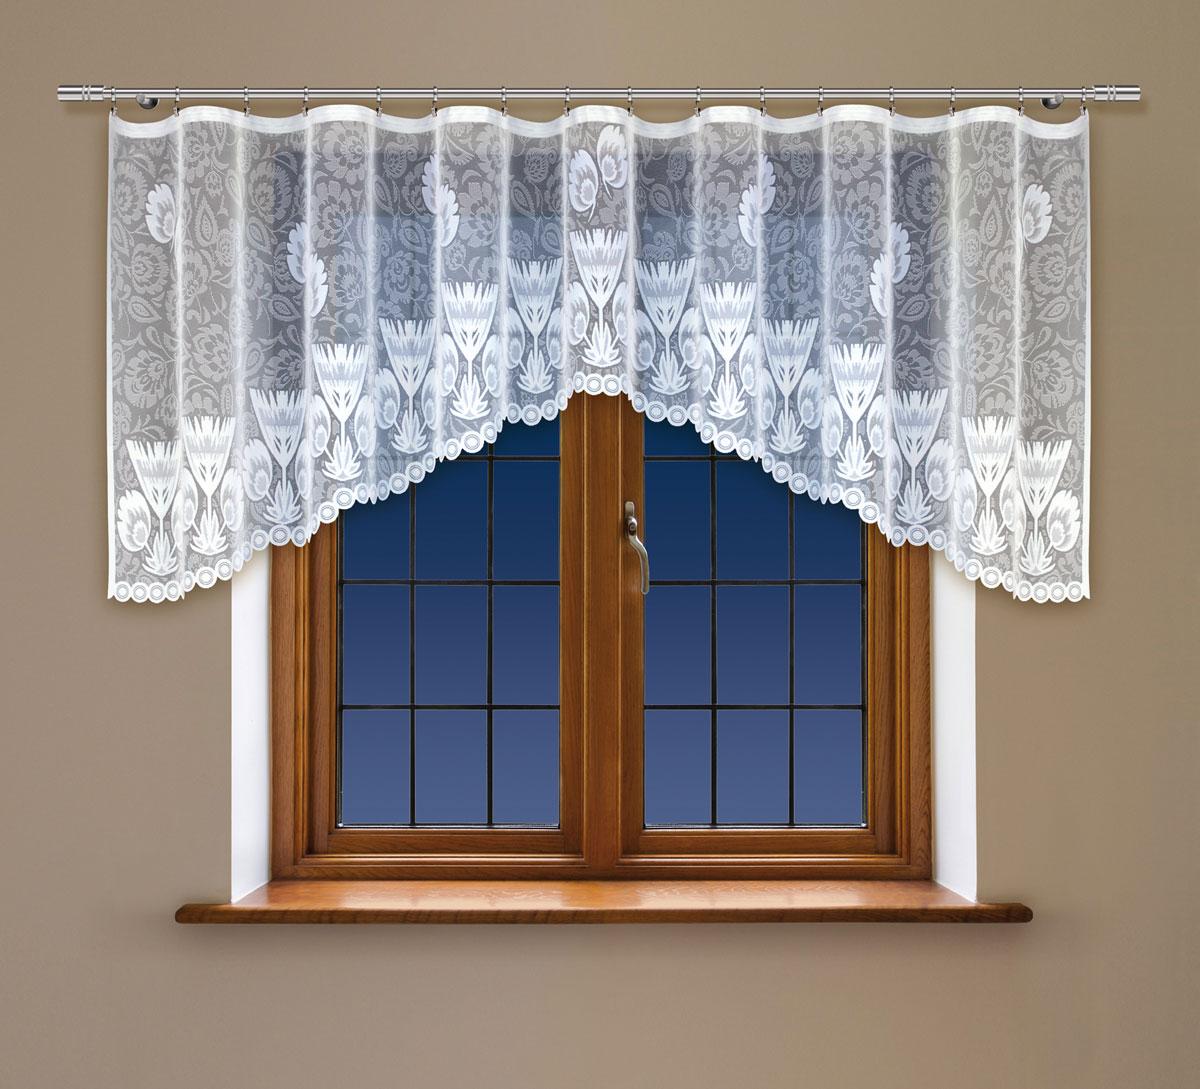 Гардина Haft, на ленте, цвет: белый, высота 140 см. 222350K100Гардина Haft, изготовленная из полиэстера, станет великолепным украшением любого окна. Тонкое плетение и оригинальный дизайн привлекут к себе внимание. Изделие органично впишется в интерьер. Гардина крепится на карниз при помощи ленты, которая поможет красиво и равномерно задрапировать верх.